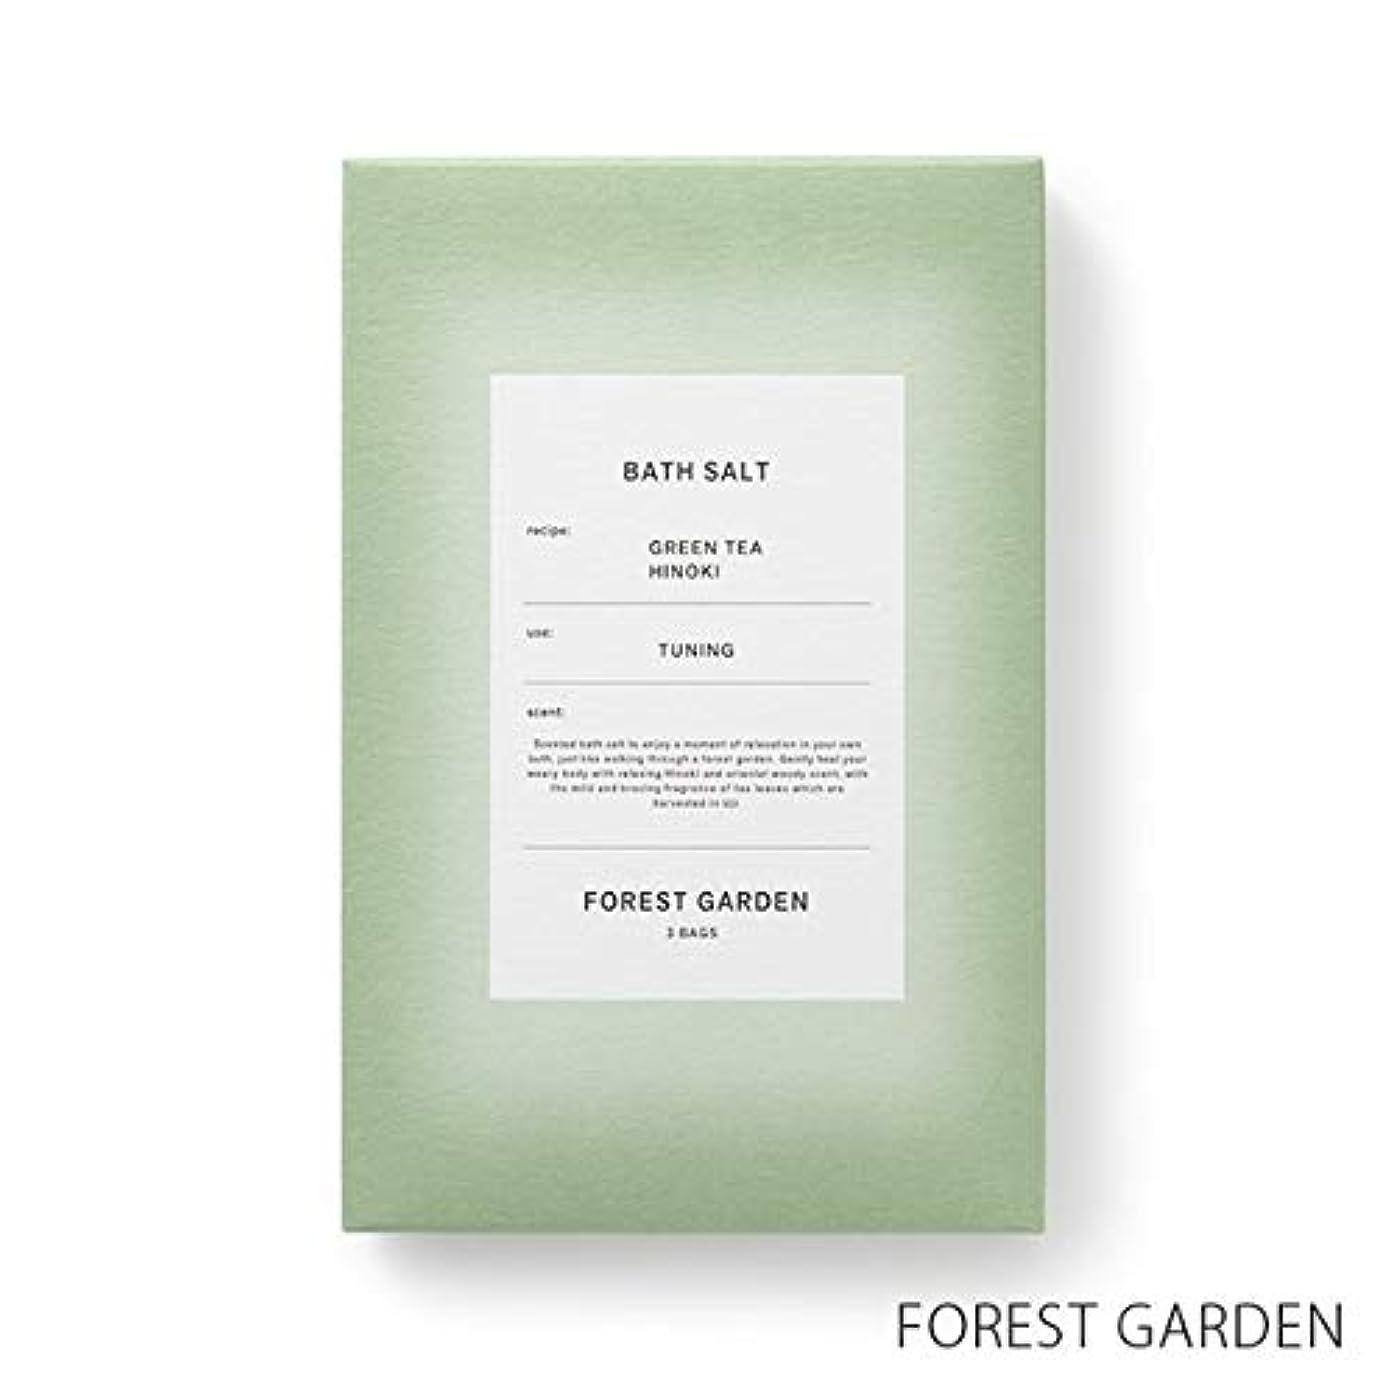 普遍的なみすぼらしいストレージ【薫玉堂】 バスソルト FOREST GARDEN 森の庭 緑 和 宇治茶の香り